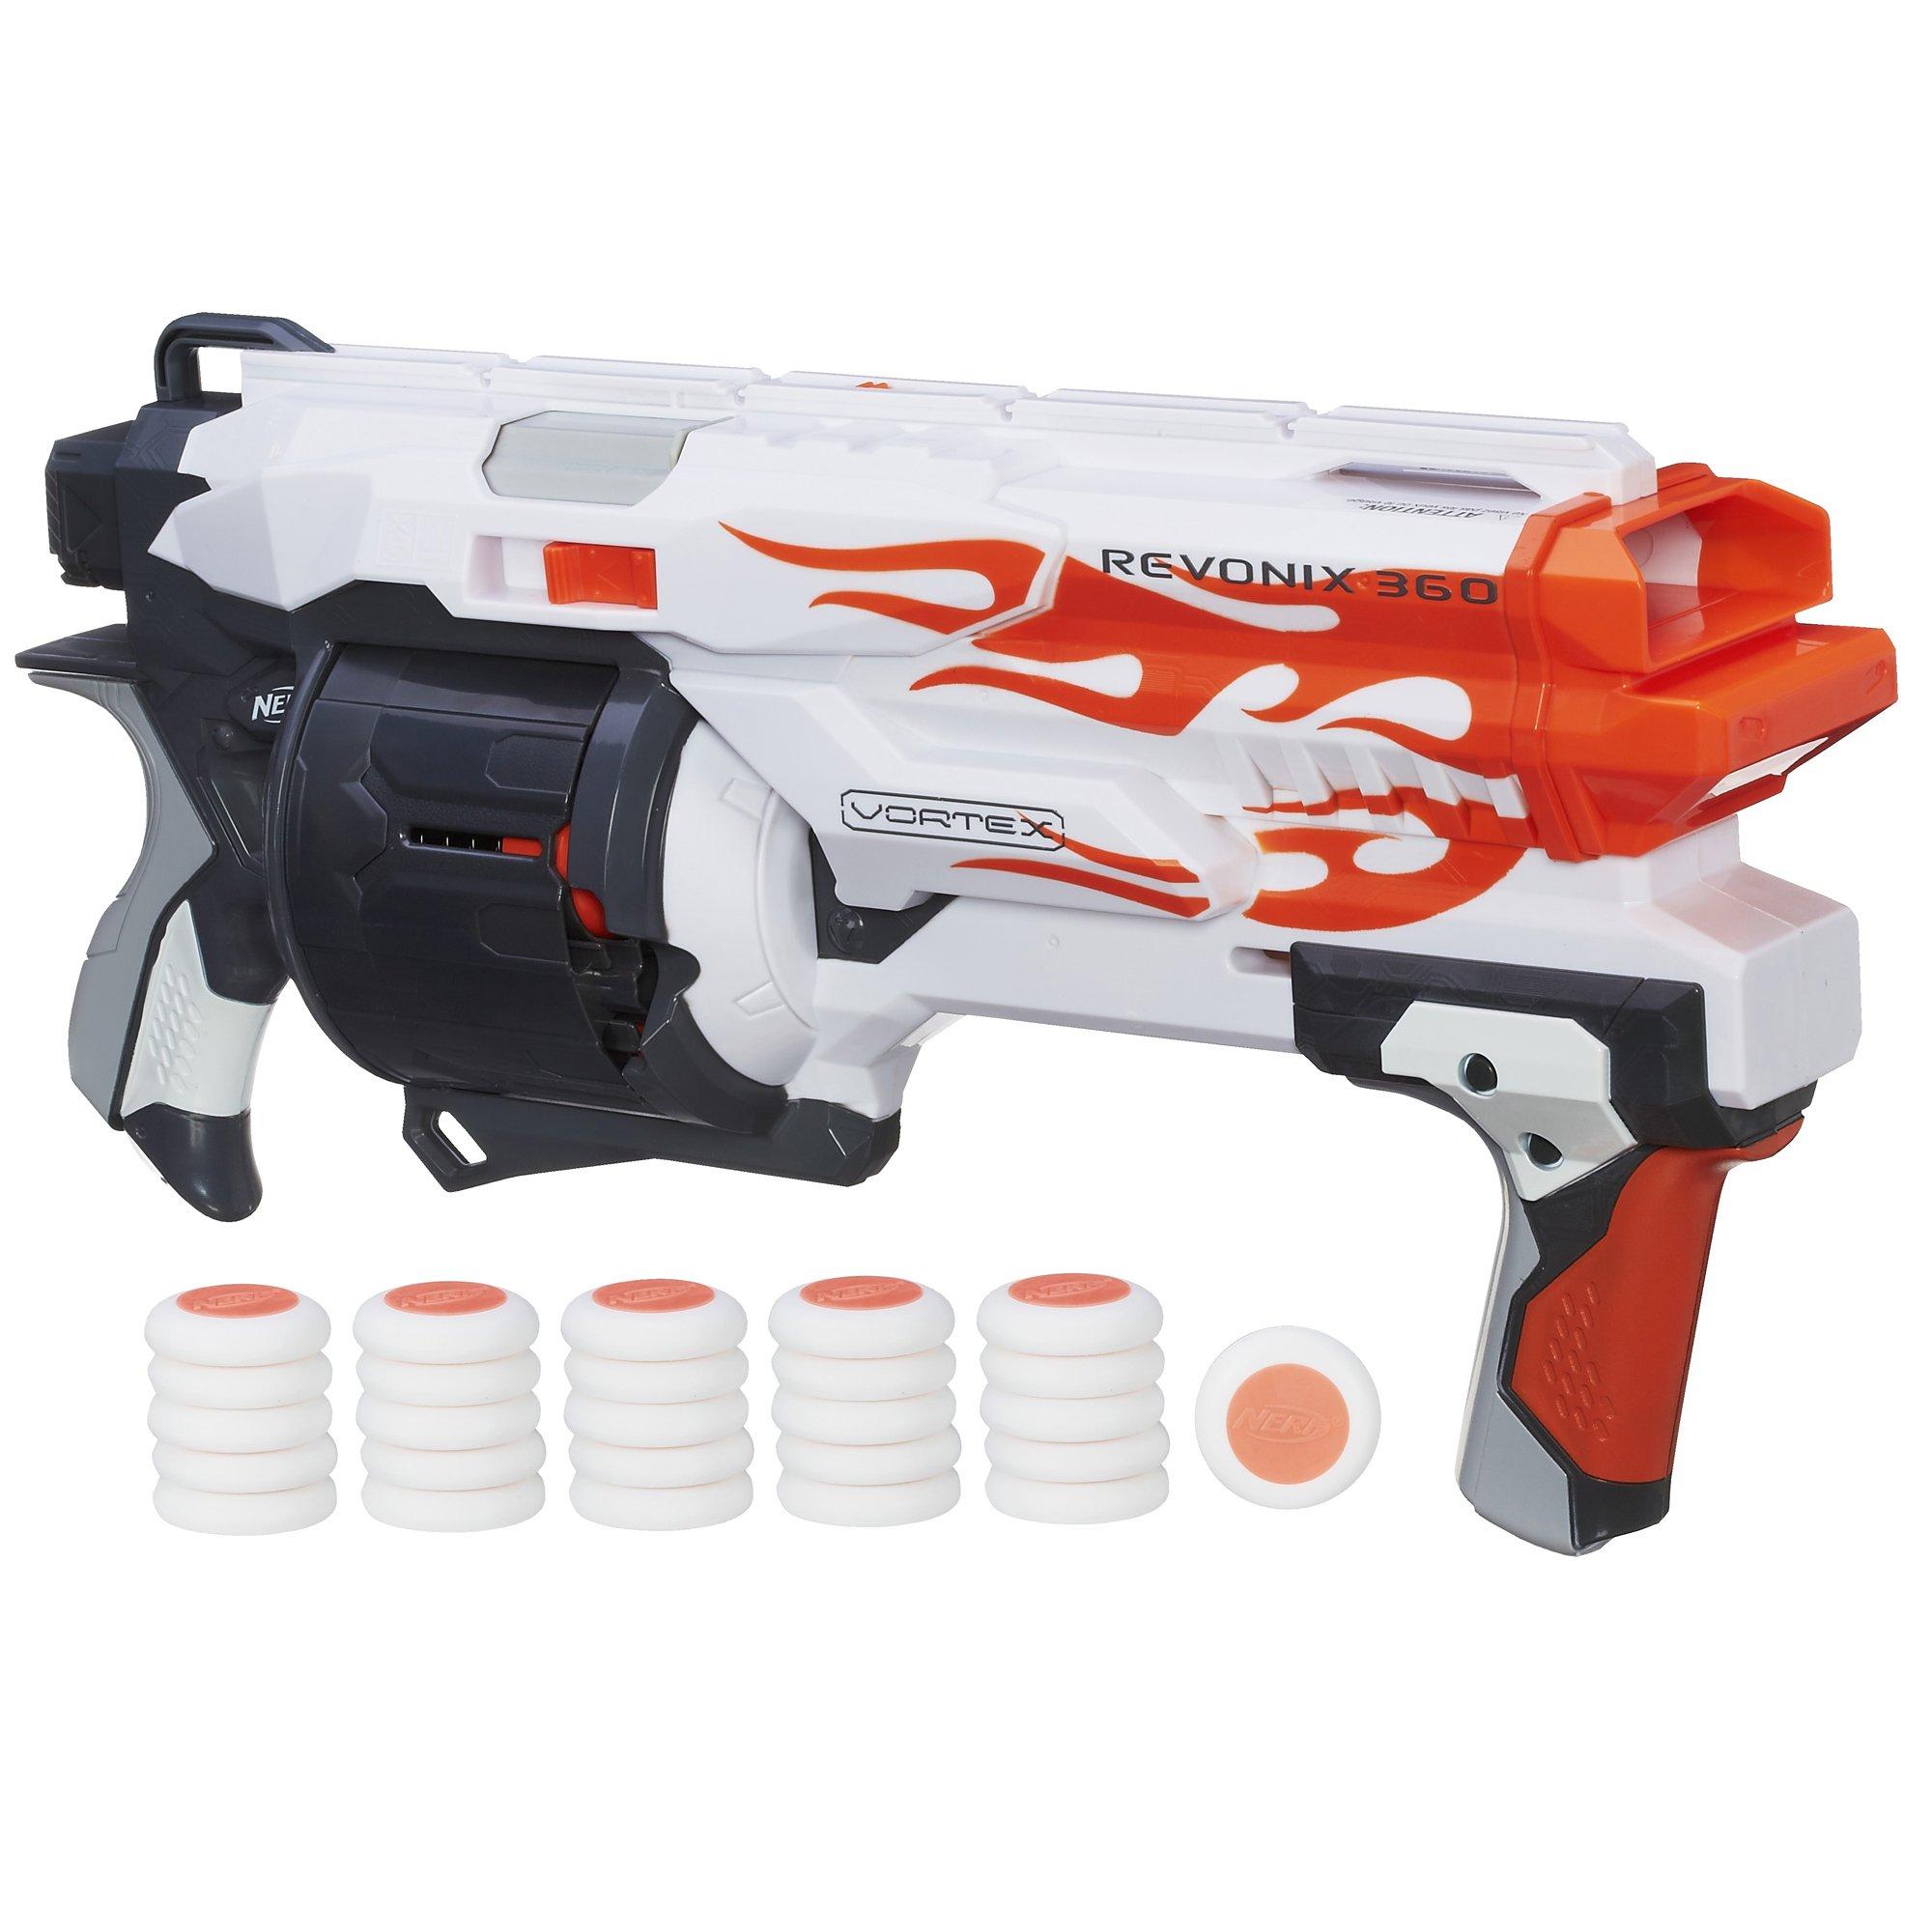 Nerf Vortex Revonix 360 Blaster by Nerf (Image #1)